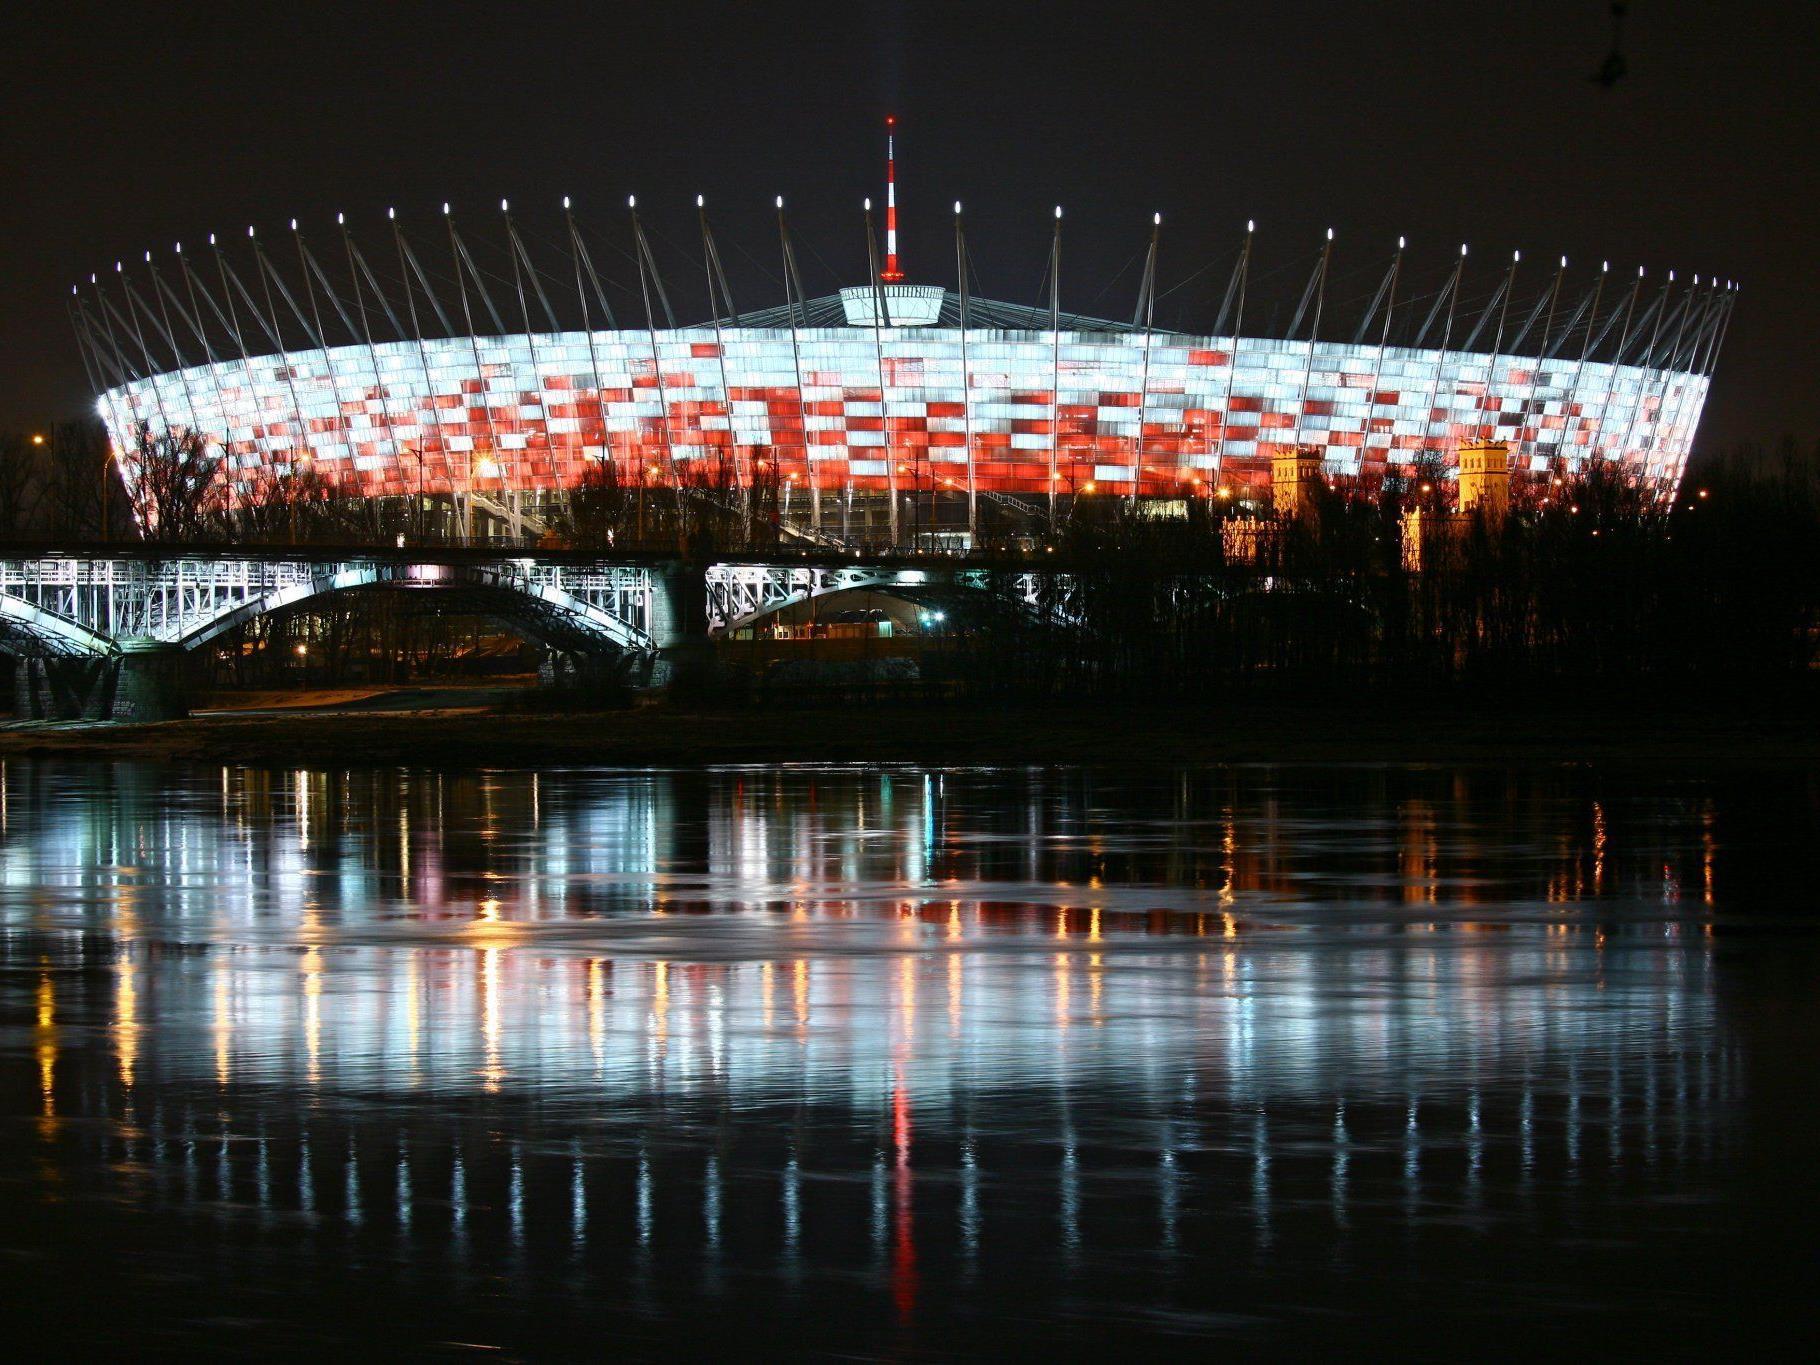 Der Salzburger Bau-Riese Alpine möchte auch in Russland Sportarenen errichten. (Im Bild: Das Nationalstadion in Warschau)